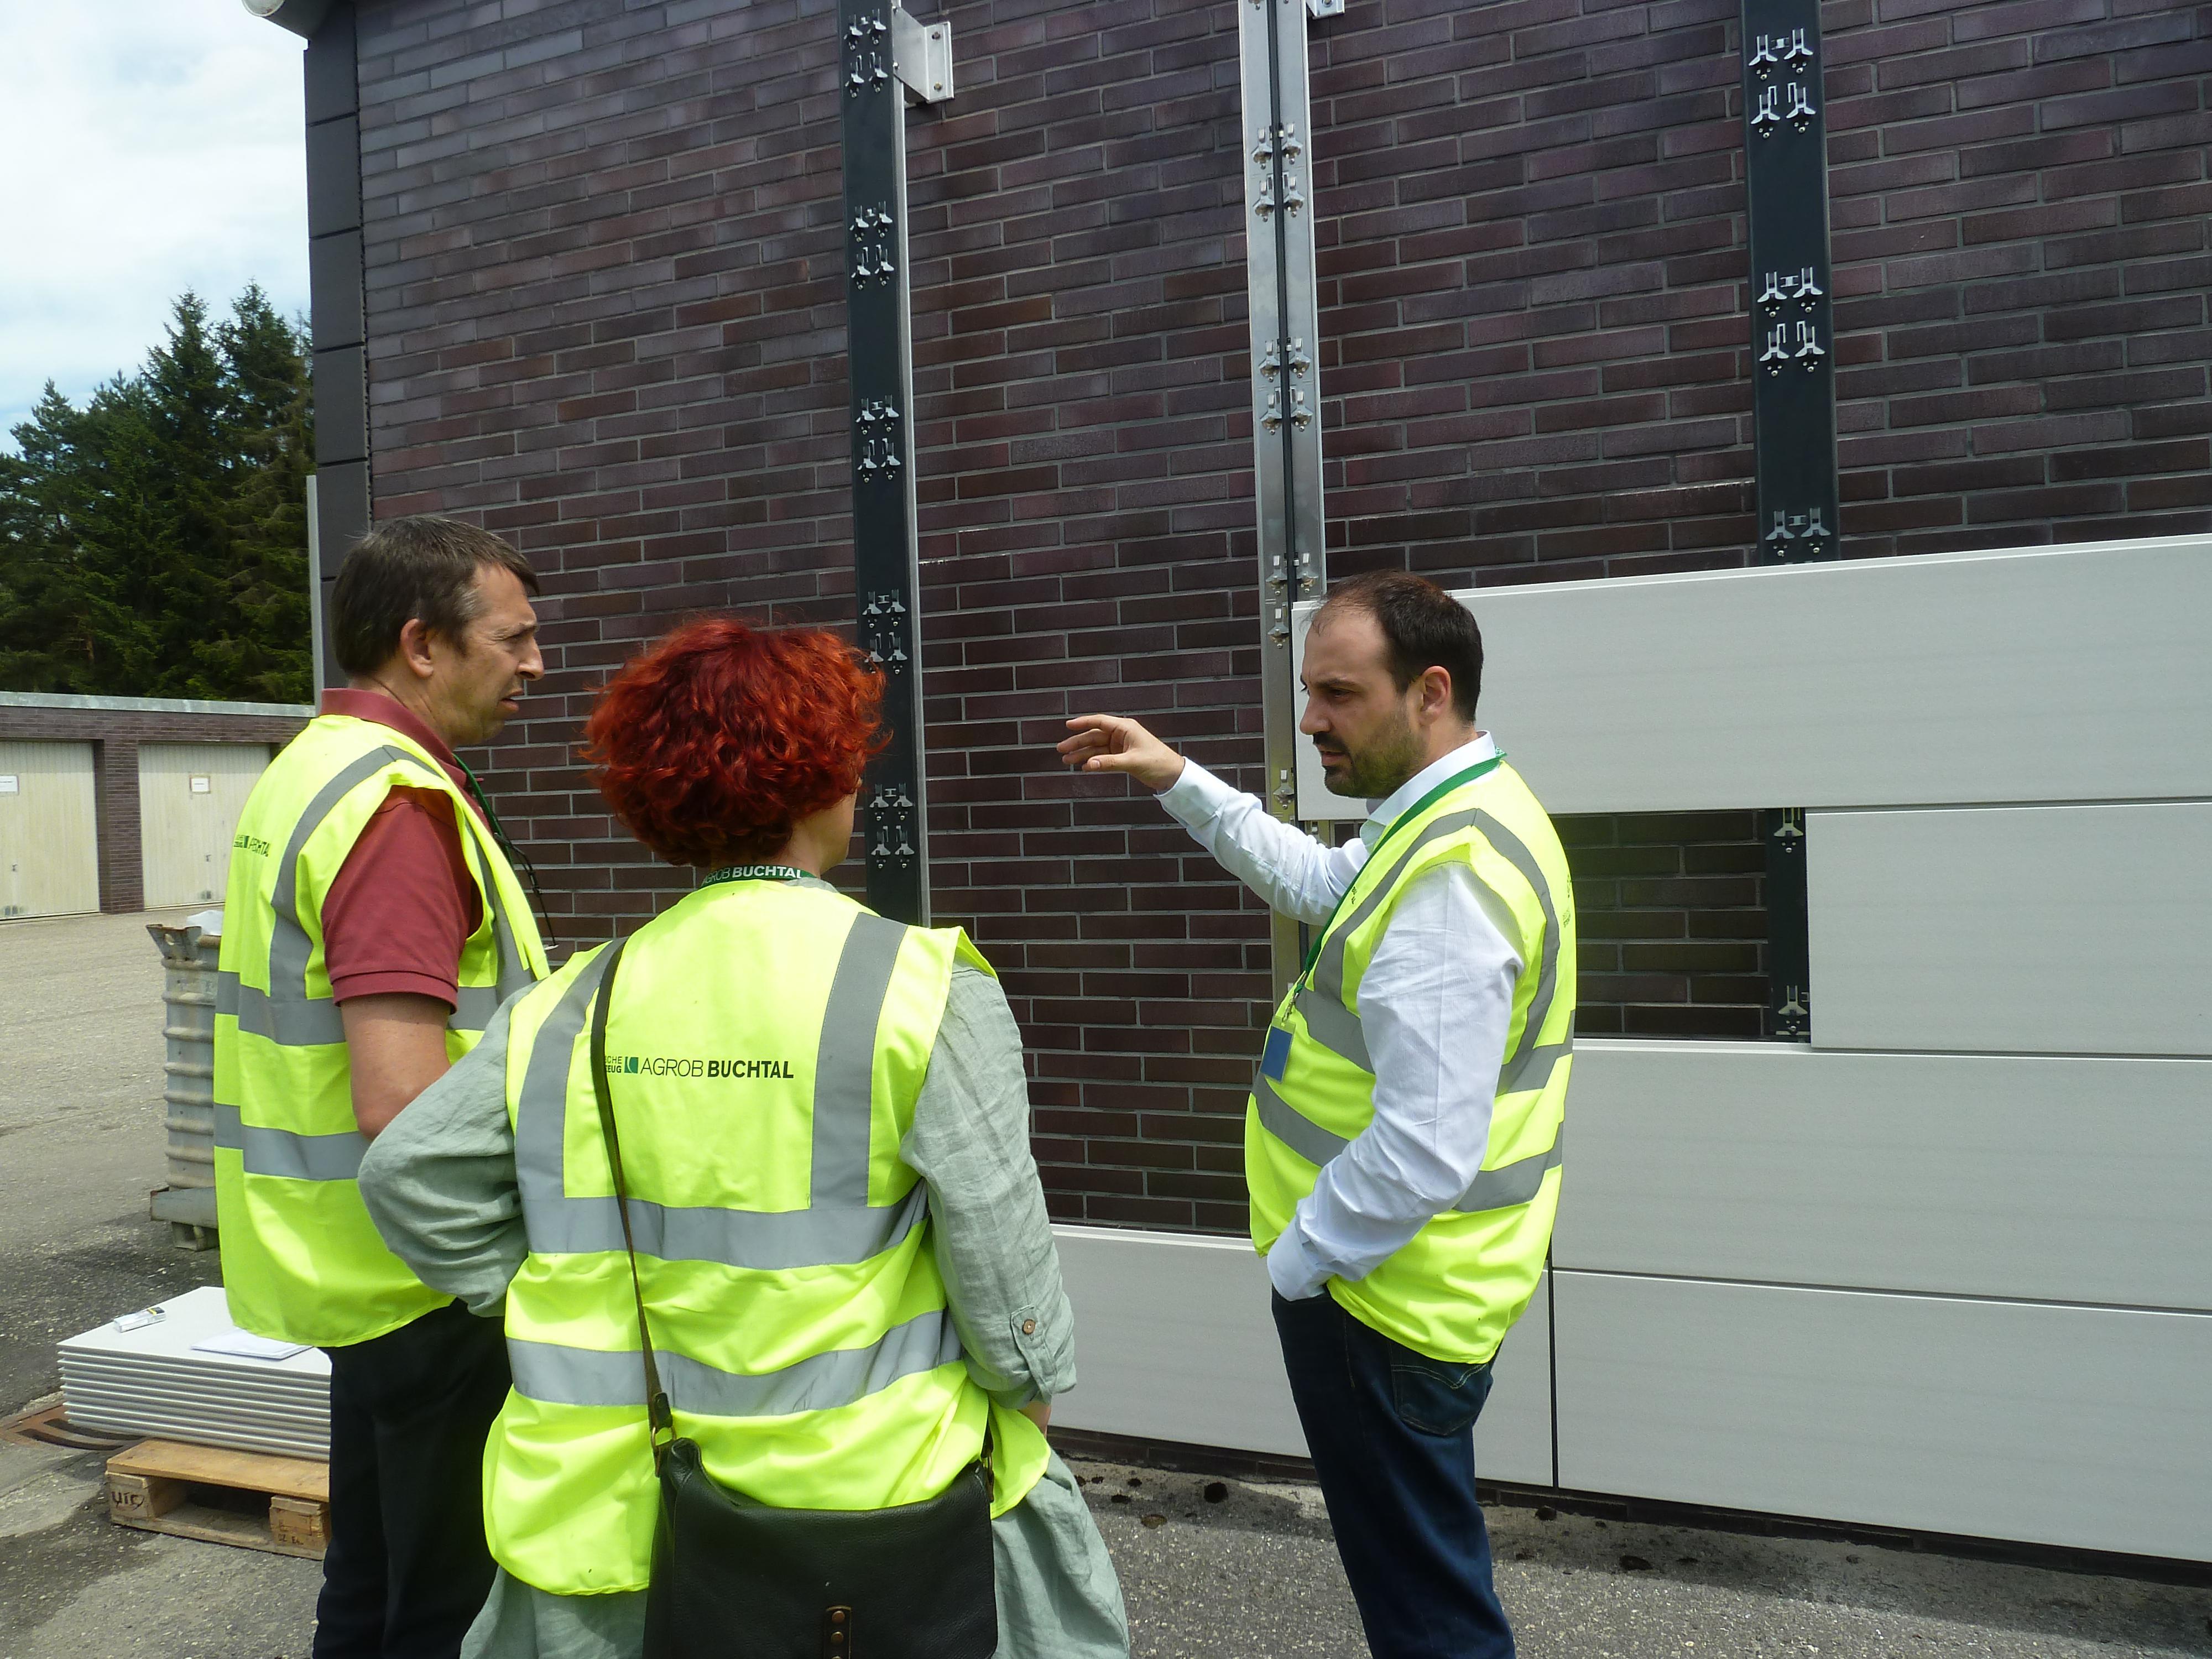 foto noticia: Misión a Alemania para conocer las instalaciones de la fábrica Agrob Buchtal.